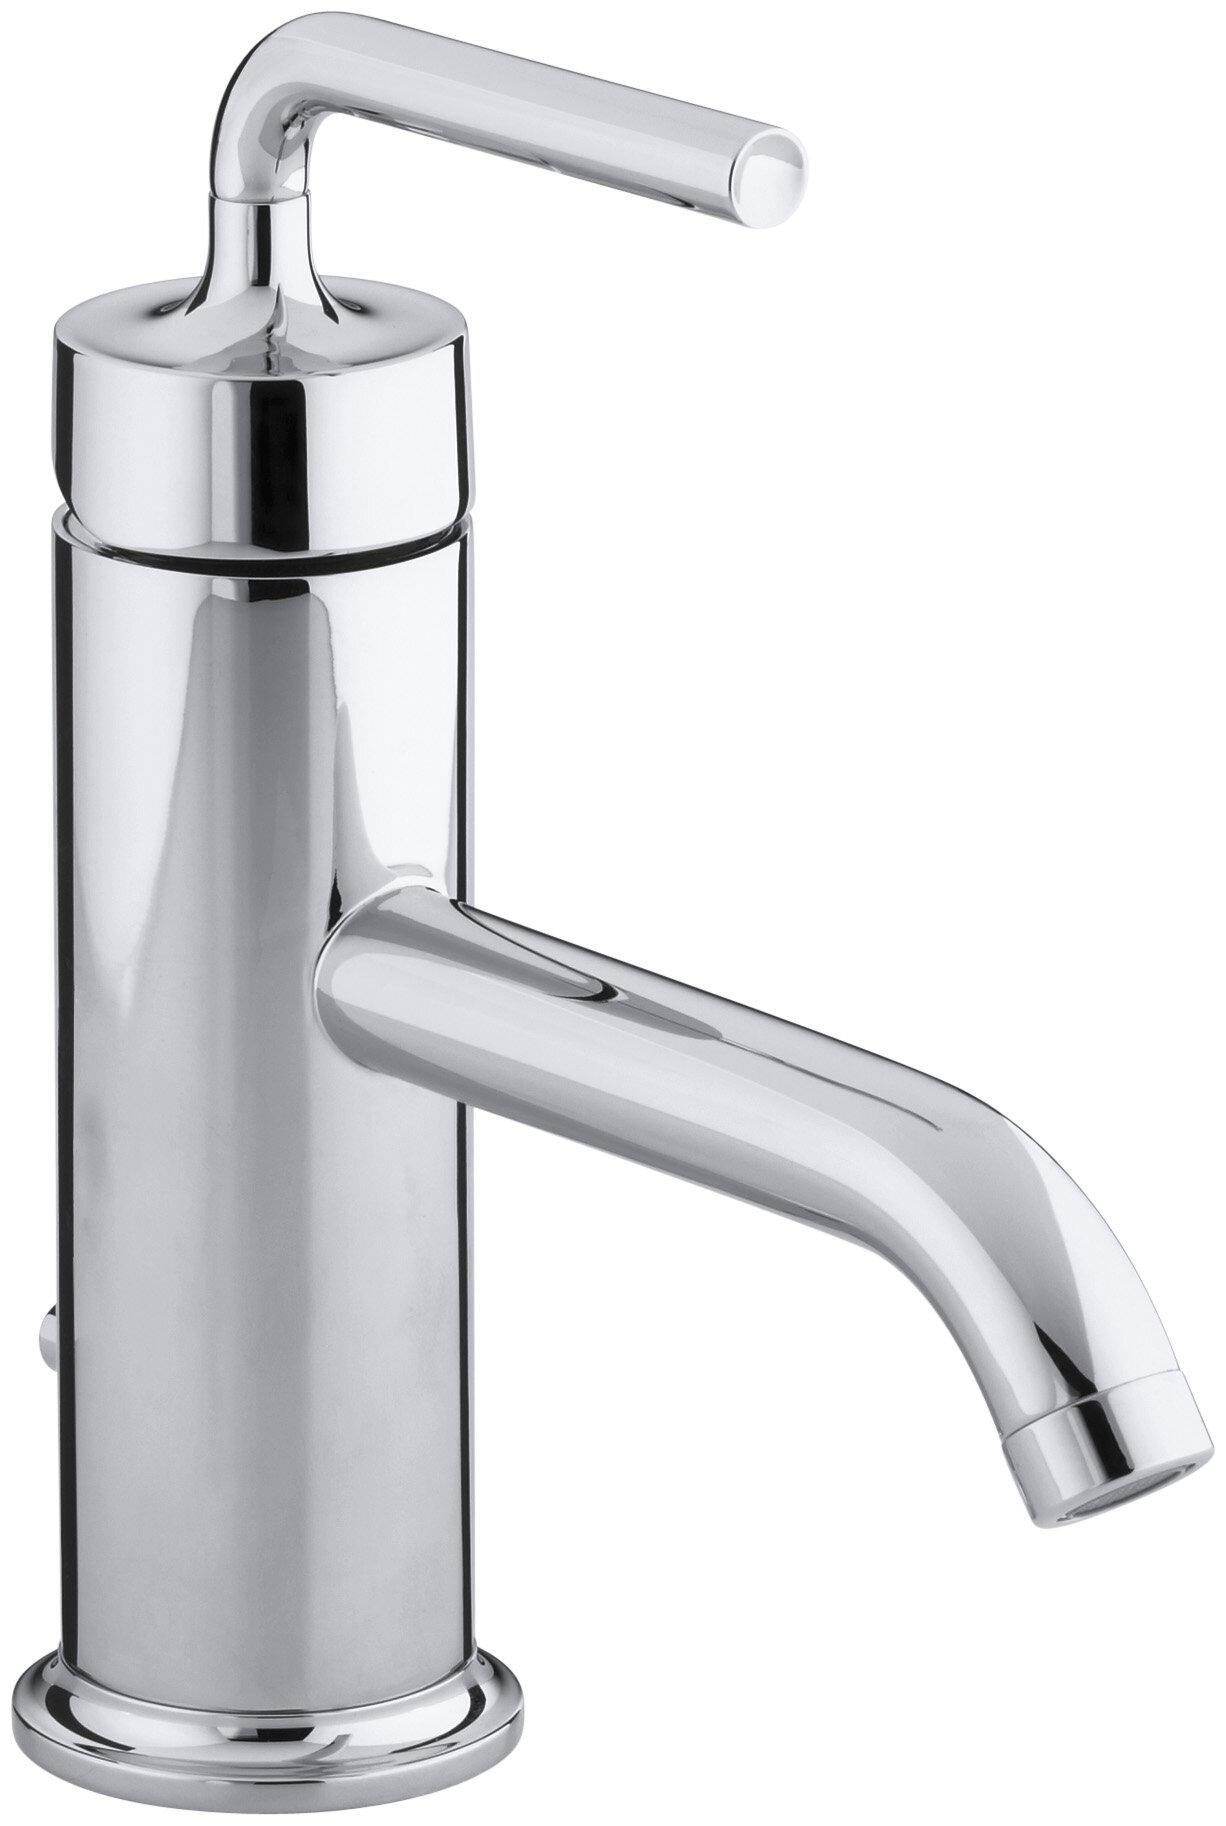 K-14402-4A-BGD,BN,BV Kohler Purist Single hole Bathroom Faucet with ...